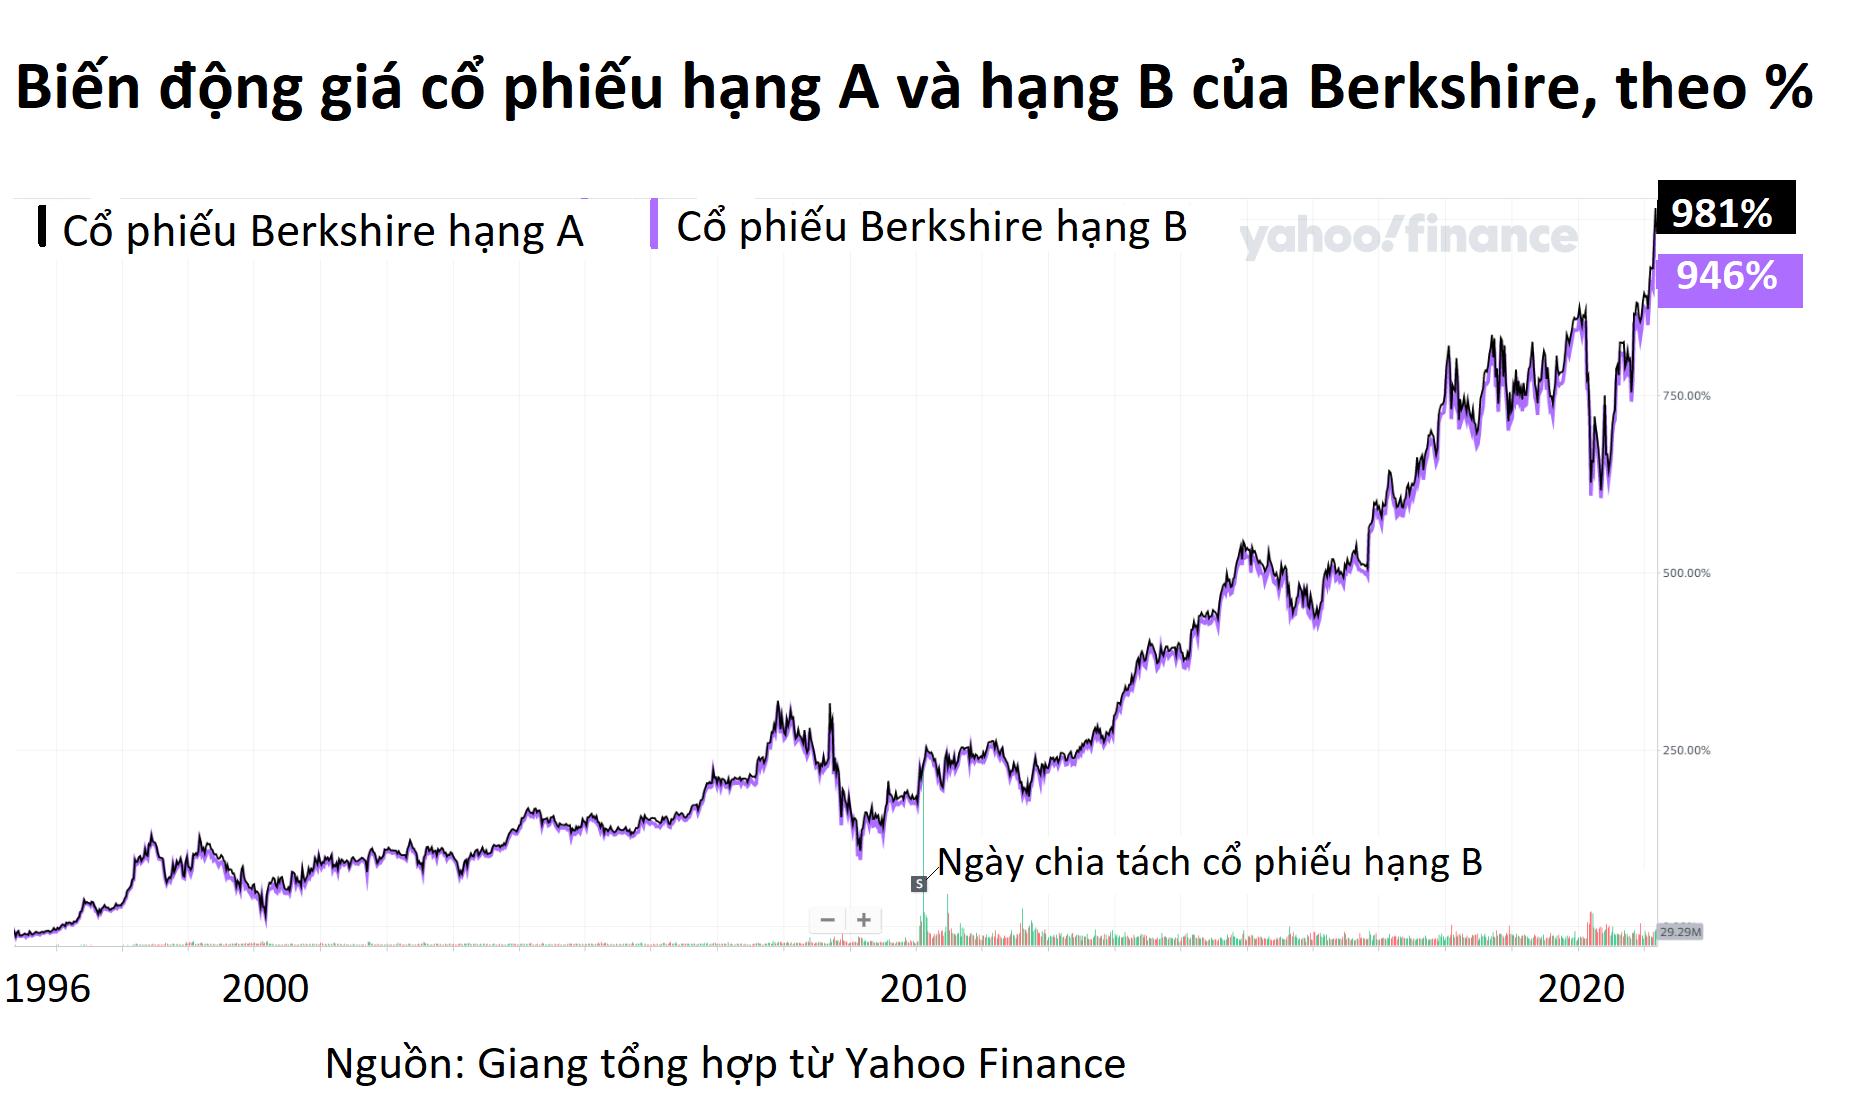 Cổ phiếu hạng A và hạng B khác gì nhau, vì sao doanh nghiệp Mỹ ồ ạt học tập theo Berkshire Hathaway - Ảnh 2.